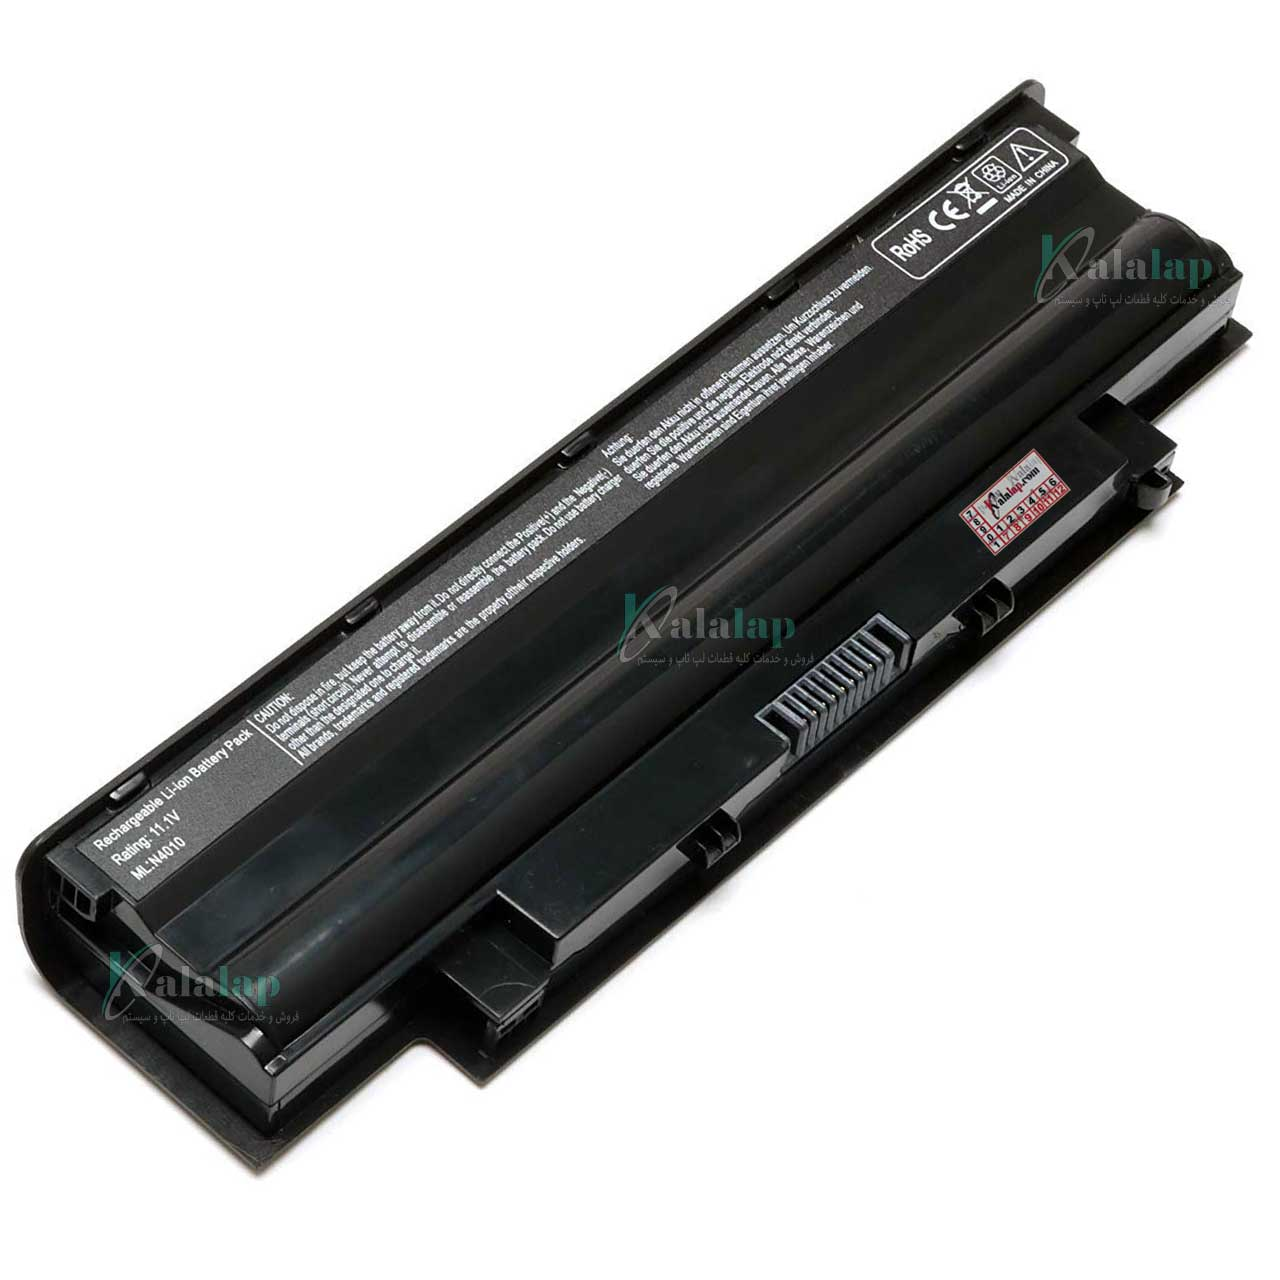 باتری لپ تاپ دل Inspiron 15R N5010 5010 N5110 5110 J1KND